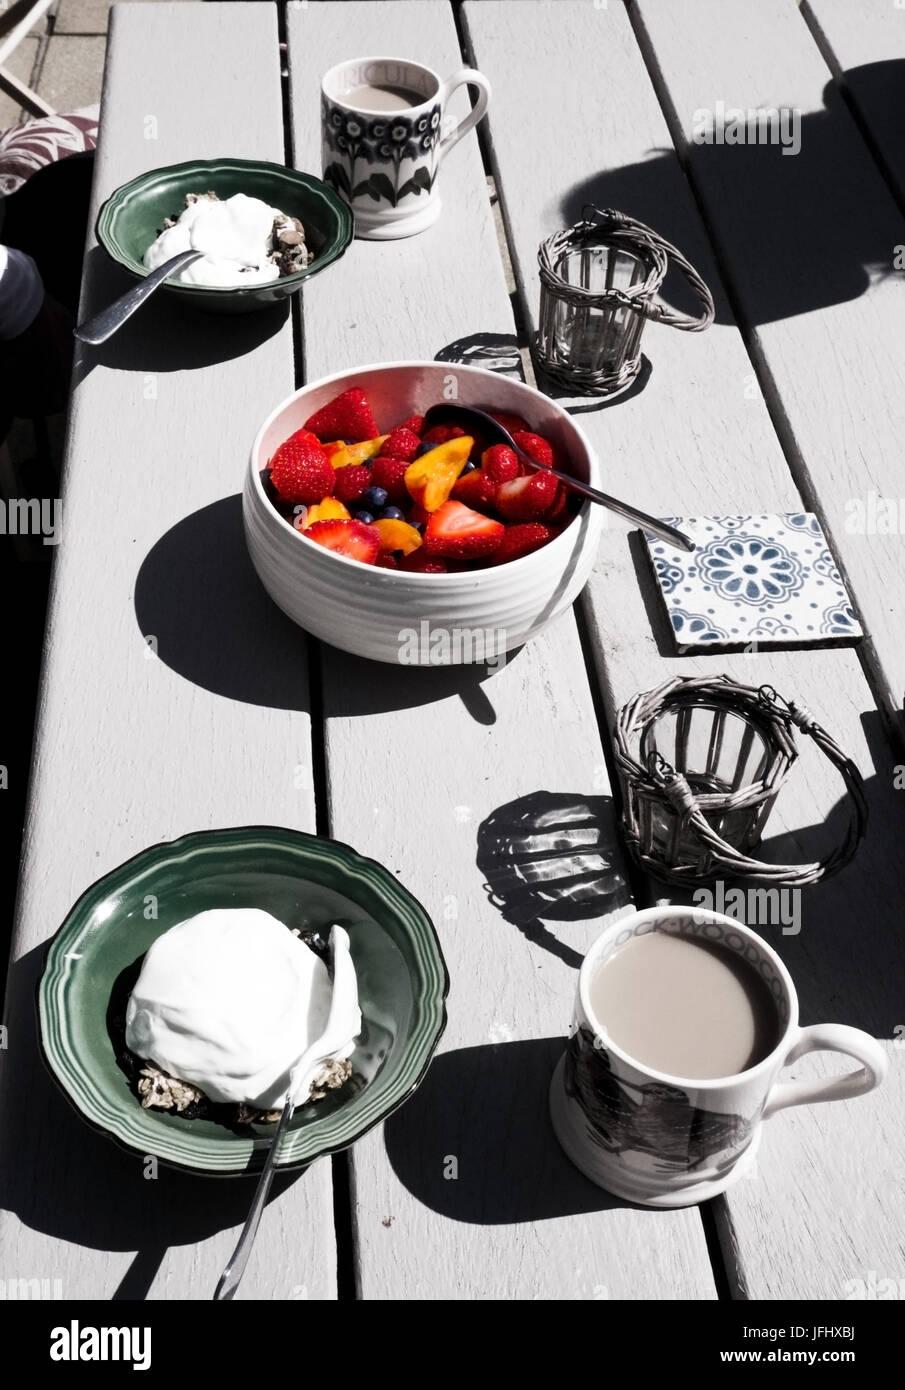 Un bianco tavolo in legno top con una sana colazione su di esso nel mezzo di un vivacemente colorato della frutta Immagini Stock